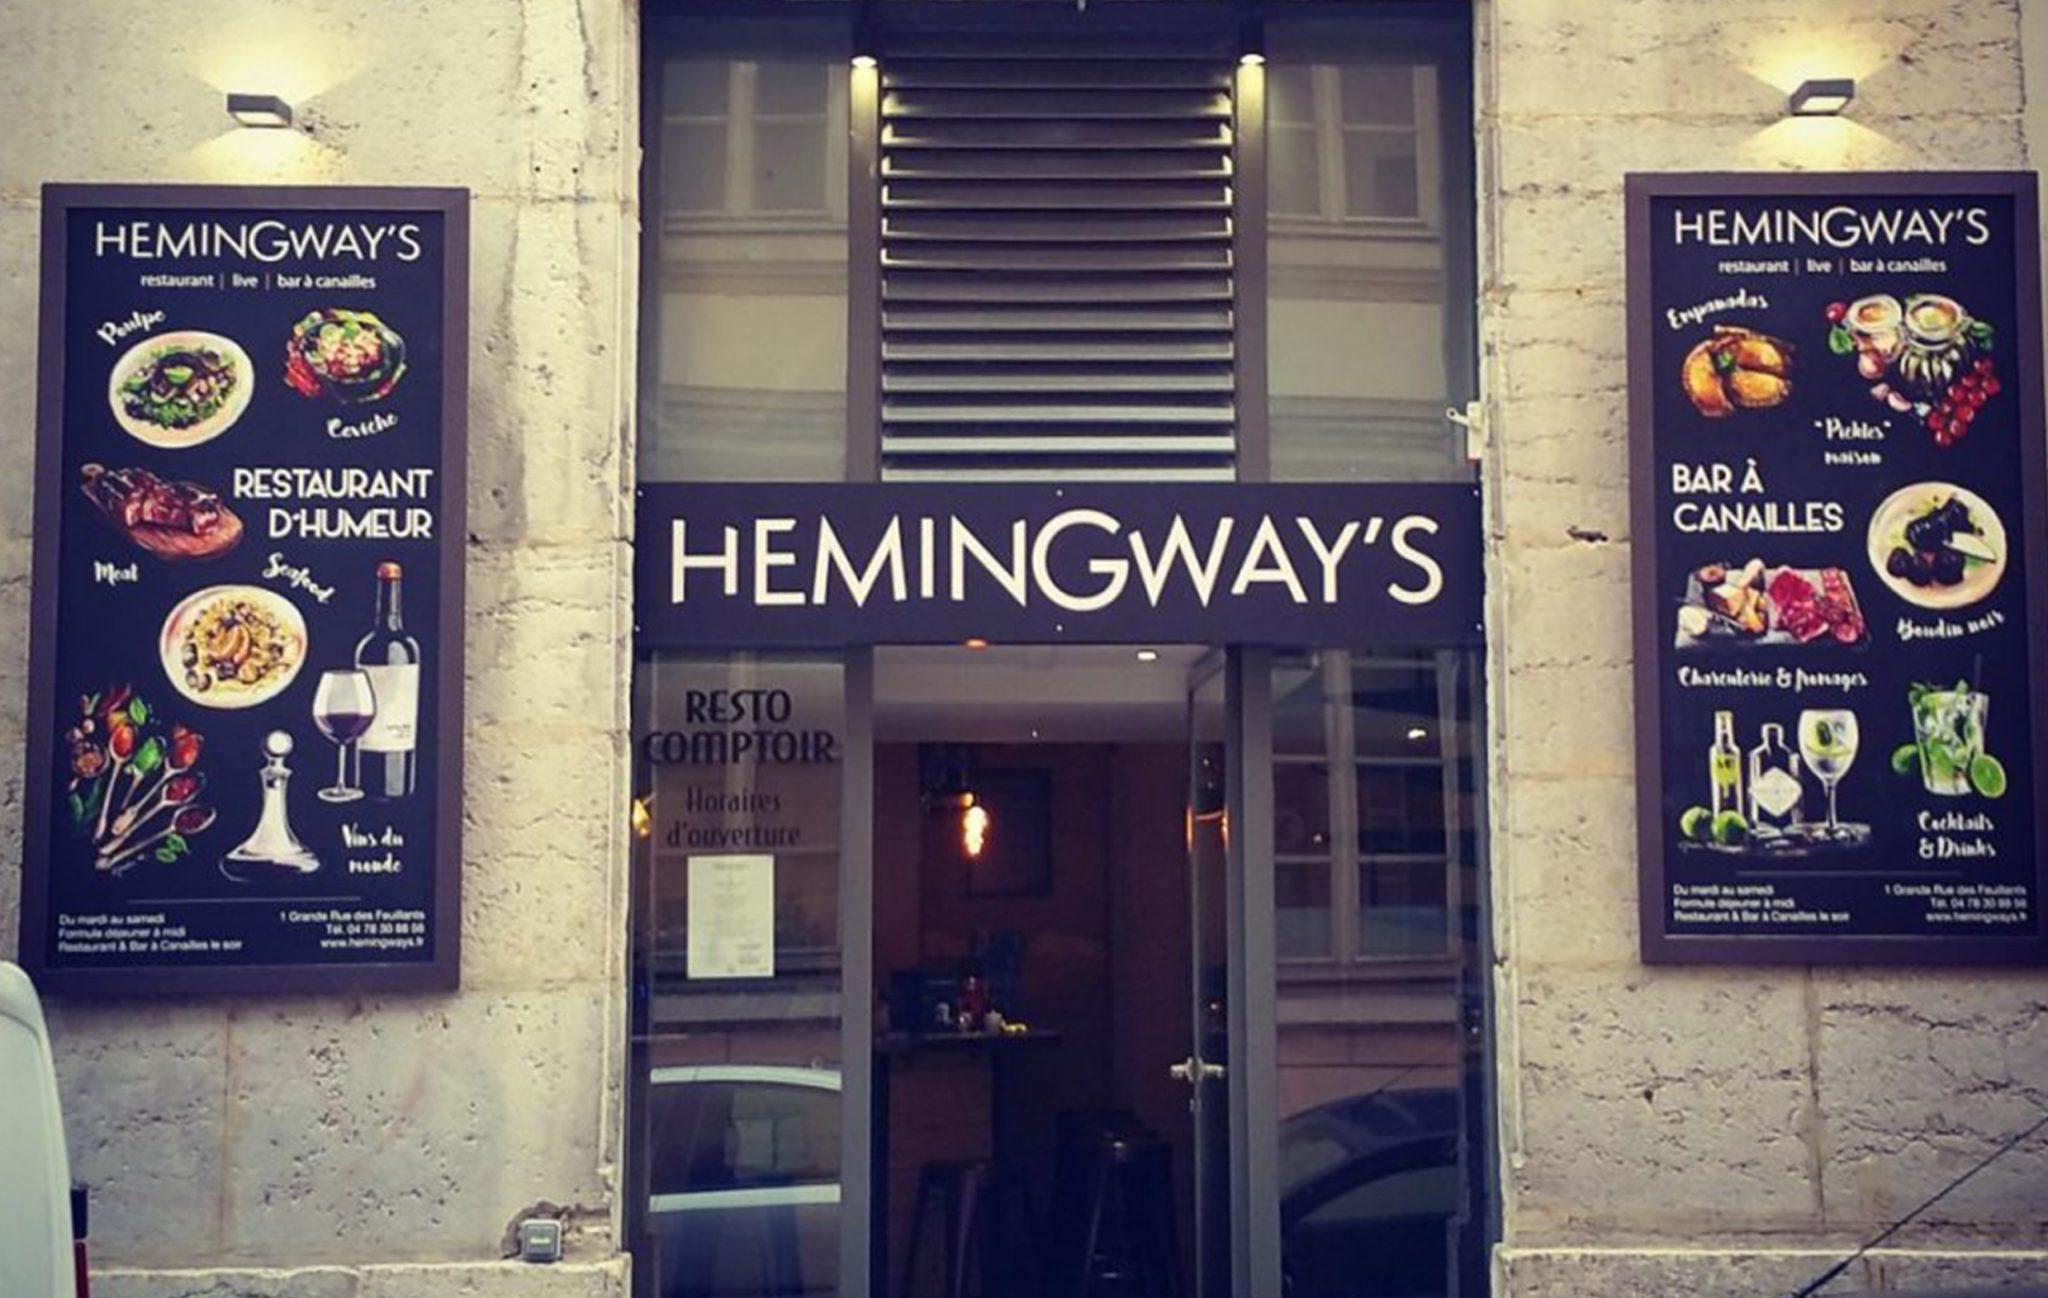 Venir au hemingways